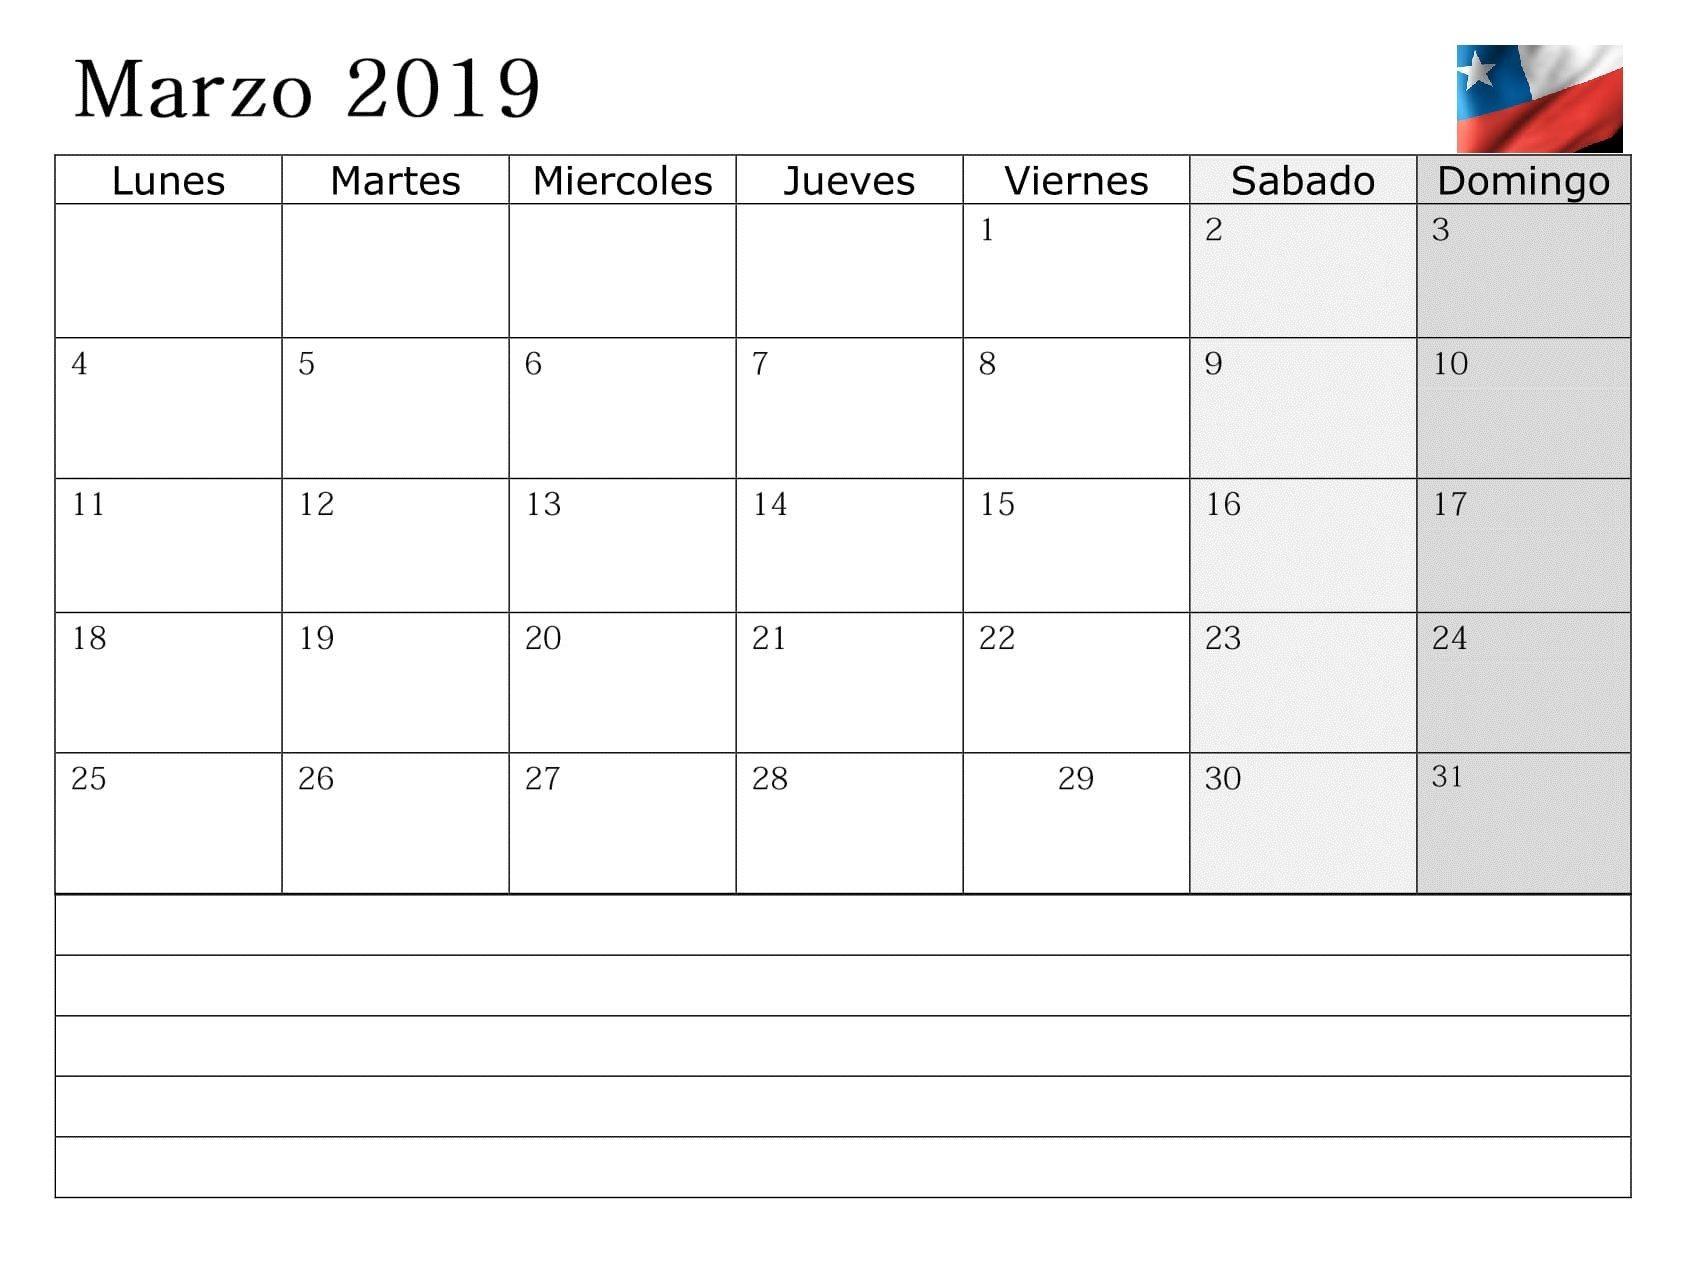 Calendario 2019 Chile Para Imprimir Chile Más Caliente Calendario Marzo 2019 Chile Calendario Marzo 2019 Chile Of Calendario 2019 Chile Para Imprimir Chile Más Arriba-a-fecha Calendario Agosto 2018 Desk Ideas Pinterest